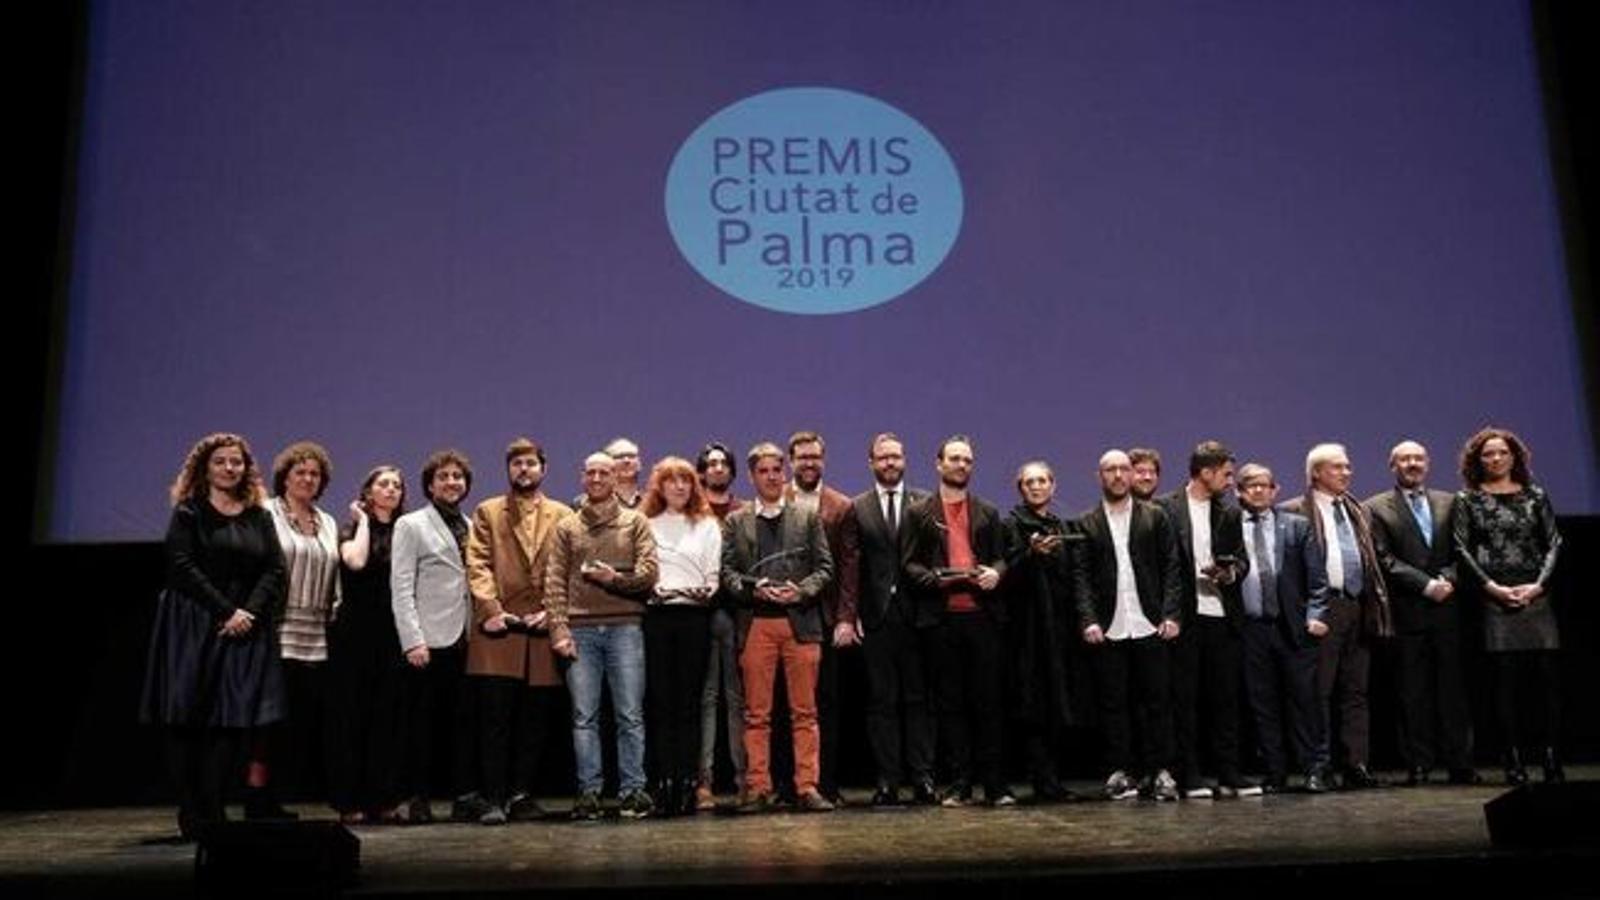 Imatge dels premiats en l'edició del 2019 dels premis Ciutat de Palma amb les autoritats polítiques. / ISAAC BUJ